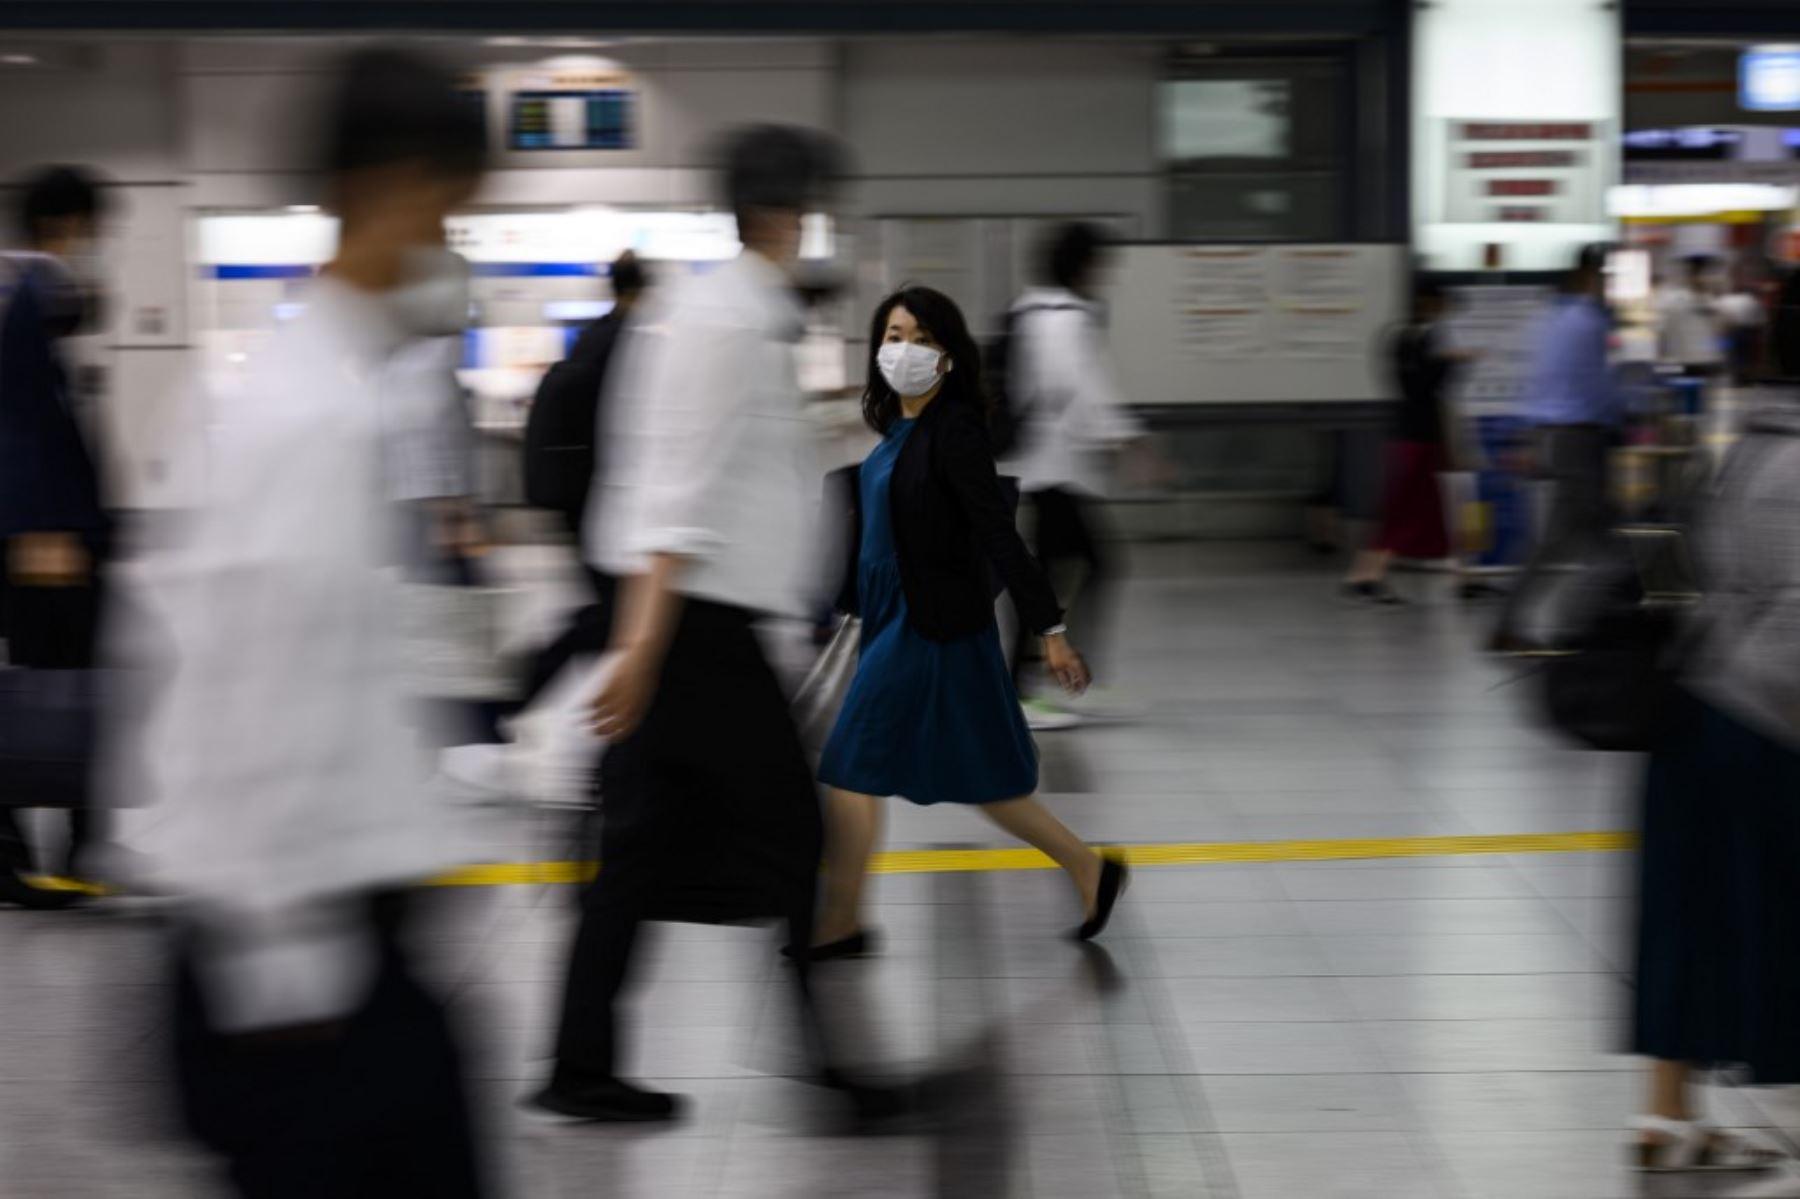 De los casos recién confirmados, las rutas de infección de 12 de ellos se desconocen, señaló el gobierno de Tokio. Foto: AFP